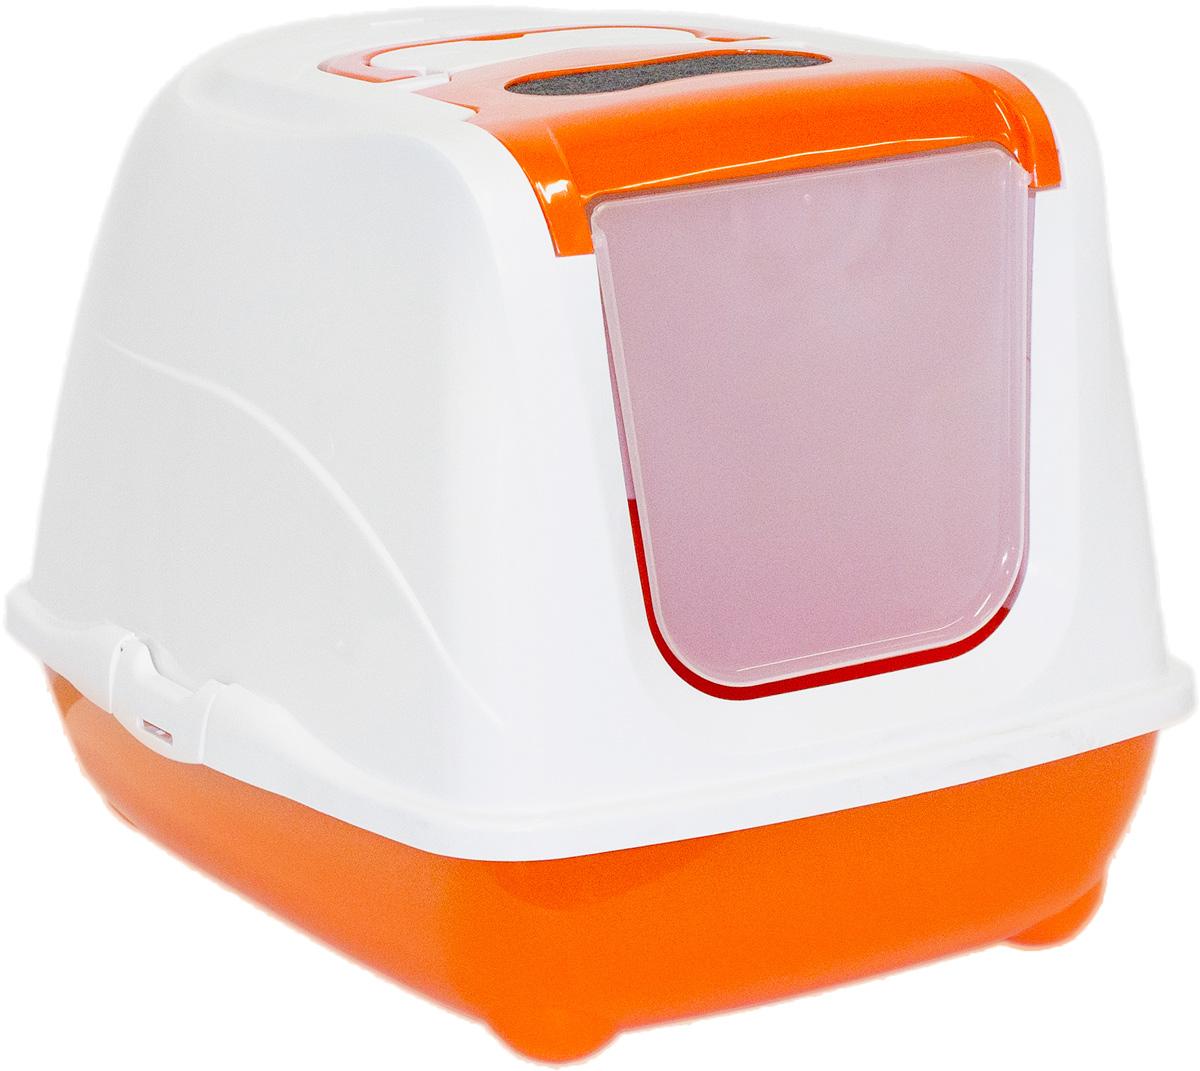 Туалет закрытый для больших кошек Moderna Flip Cat, цвет: оранжевый, 58х45х42 см14C240148